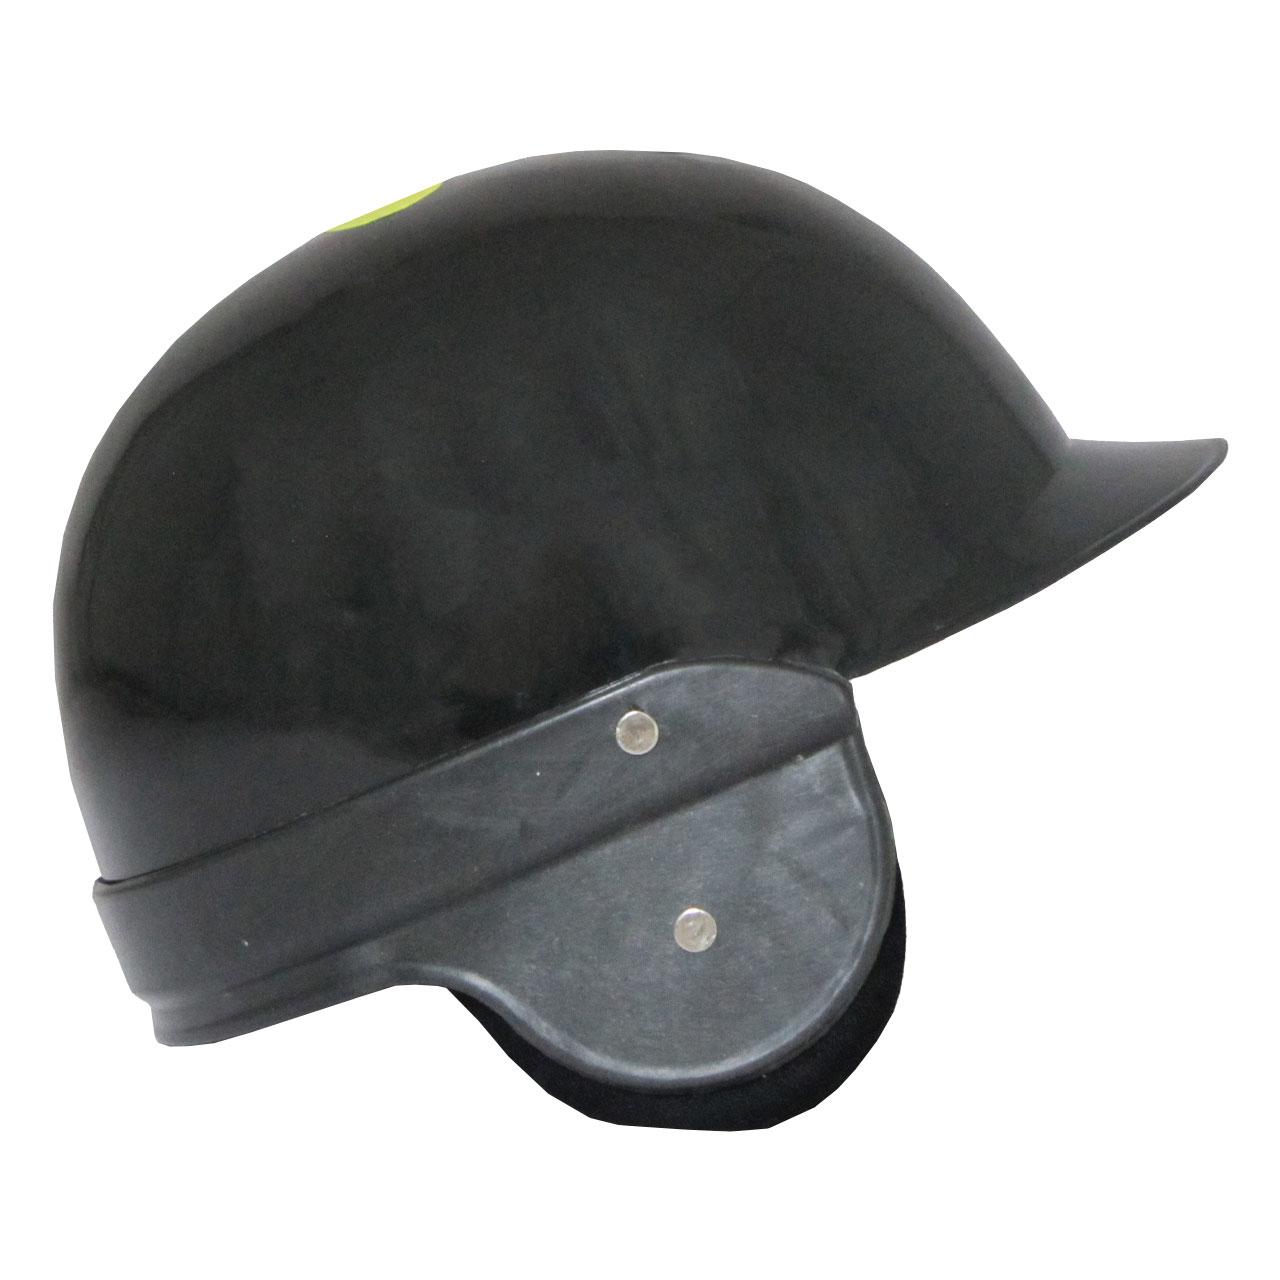 کلاه کاسکت نوین مدل BLK1